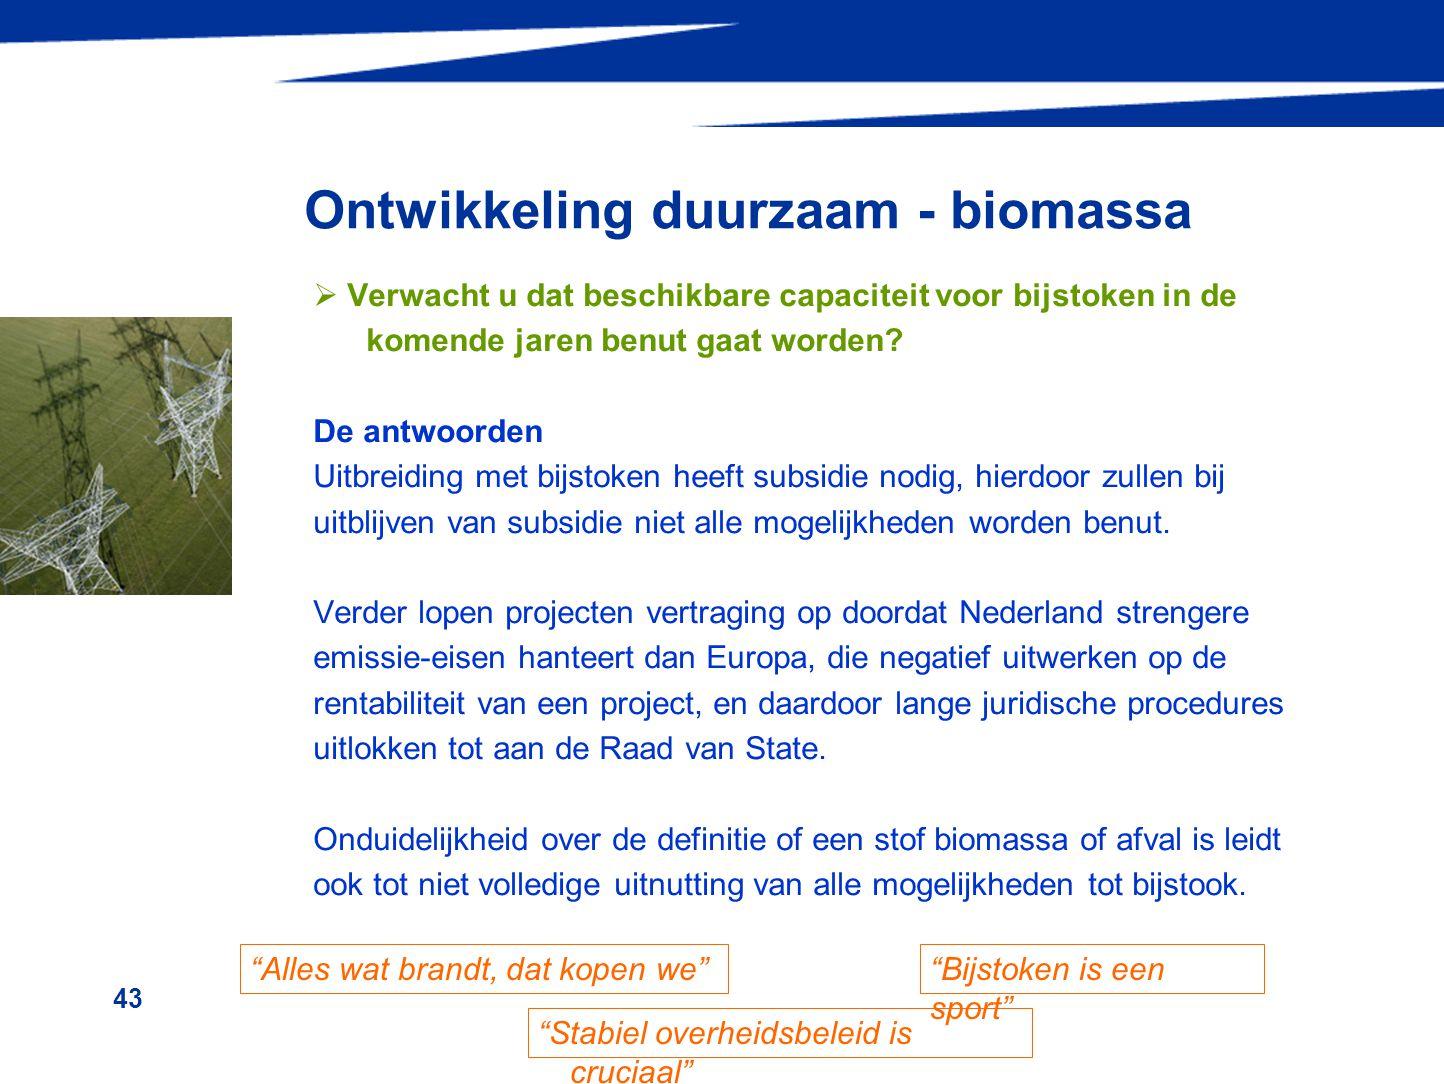 43 Ontwikkeling duurzaam - biomassa  Verwacht u dat beschikbare capaciteit voor bijstoken in de komende jaren benut gaat worden? De antwoorden Uitbre